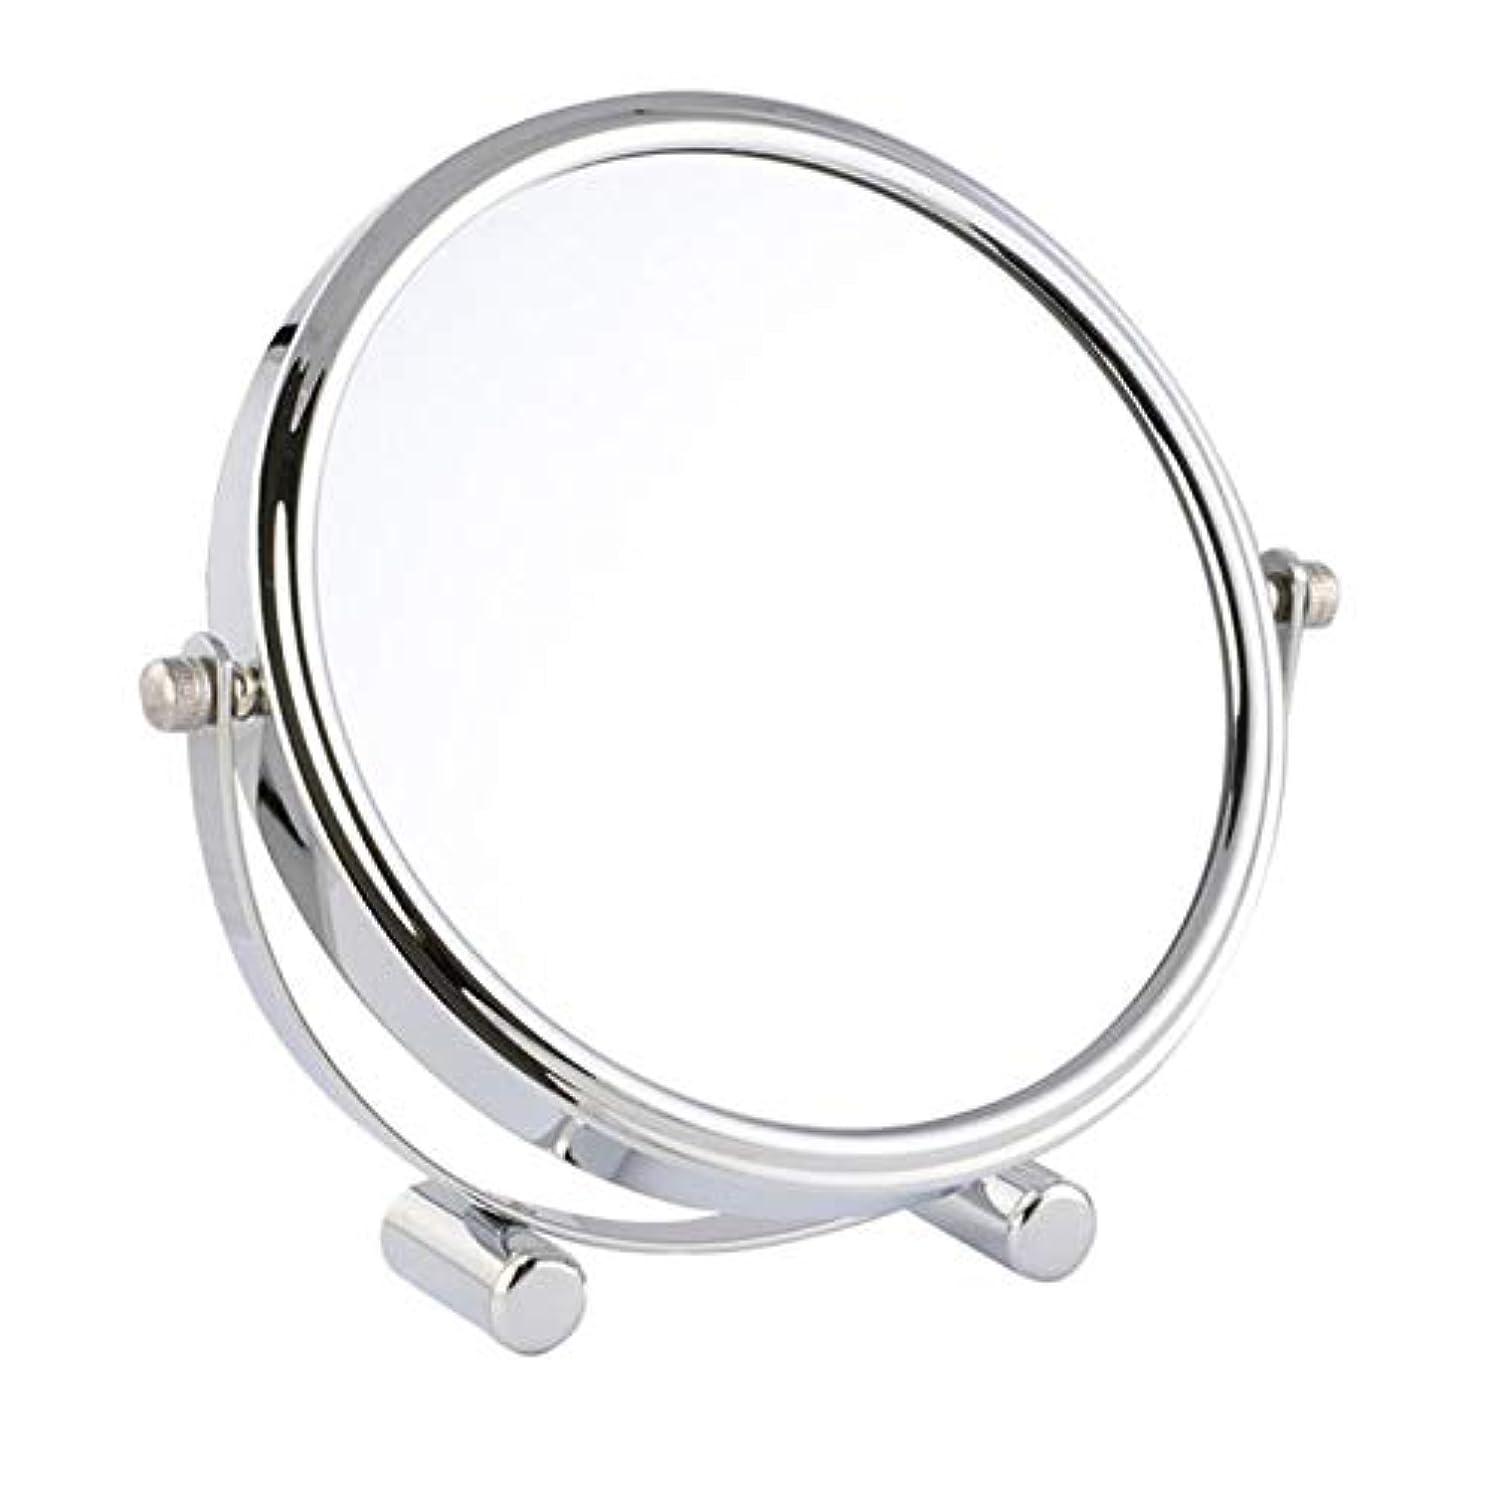 北極圏不運おなじみの化粧鏡 女優ミラー けメイクミラー スタンドミラー 卓上鏡 化粧道具 両面鏡 片面2倍 拡大鏡 360度回転 鏡面直径17cm